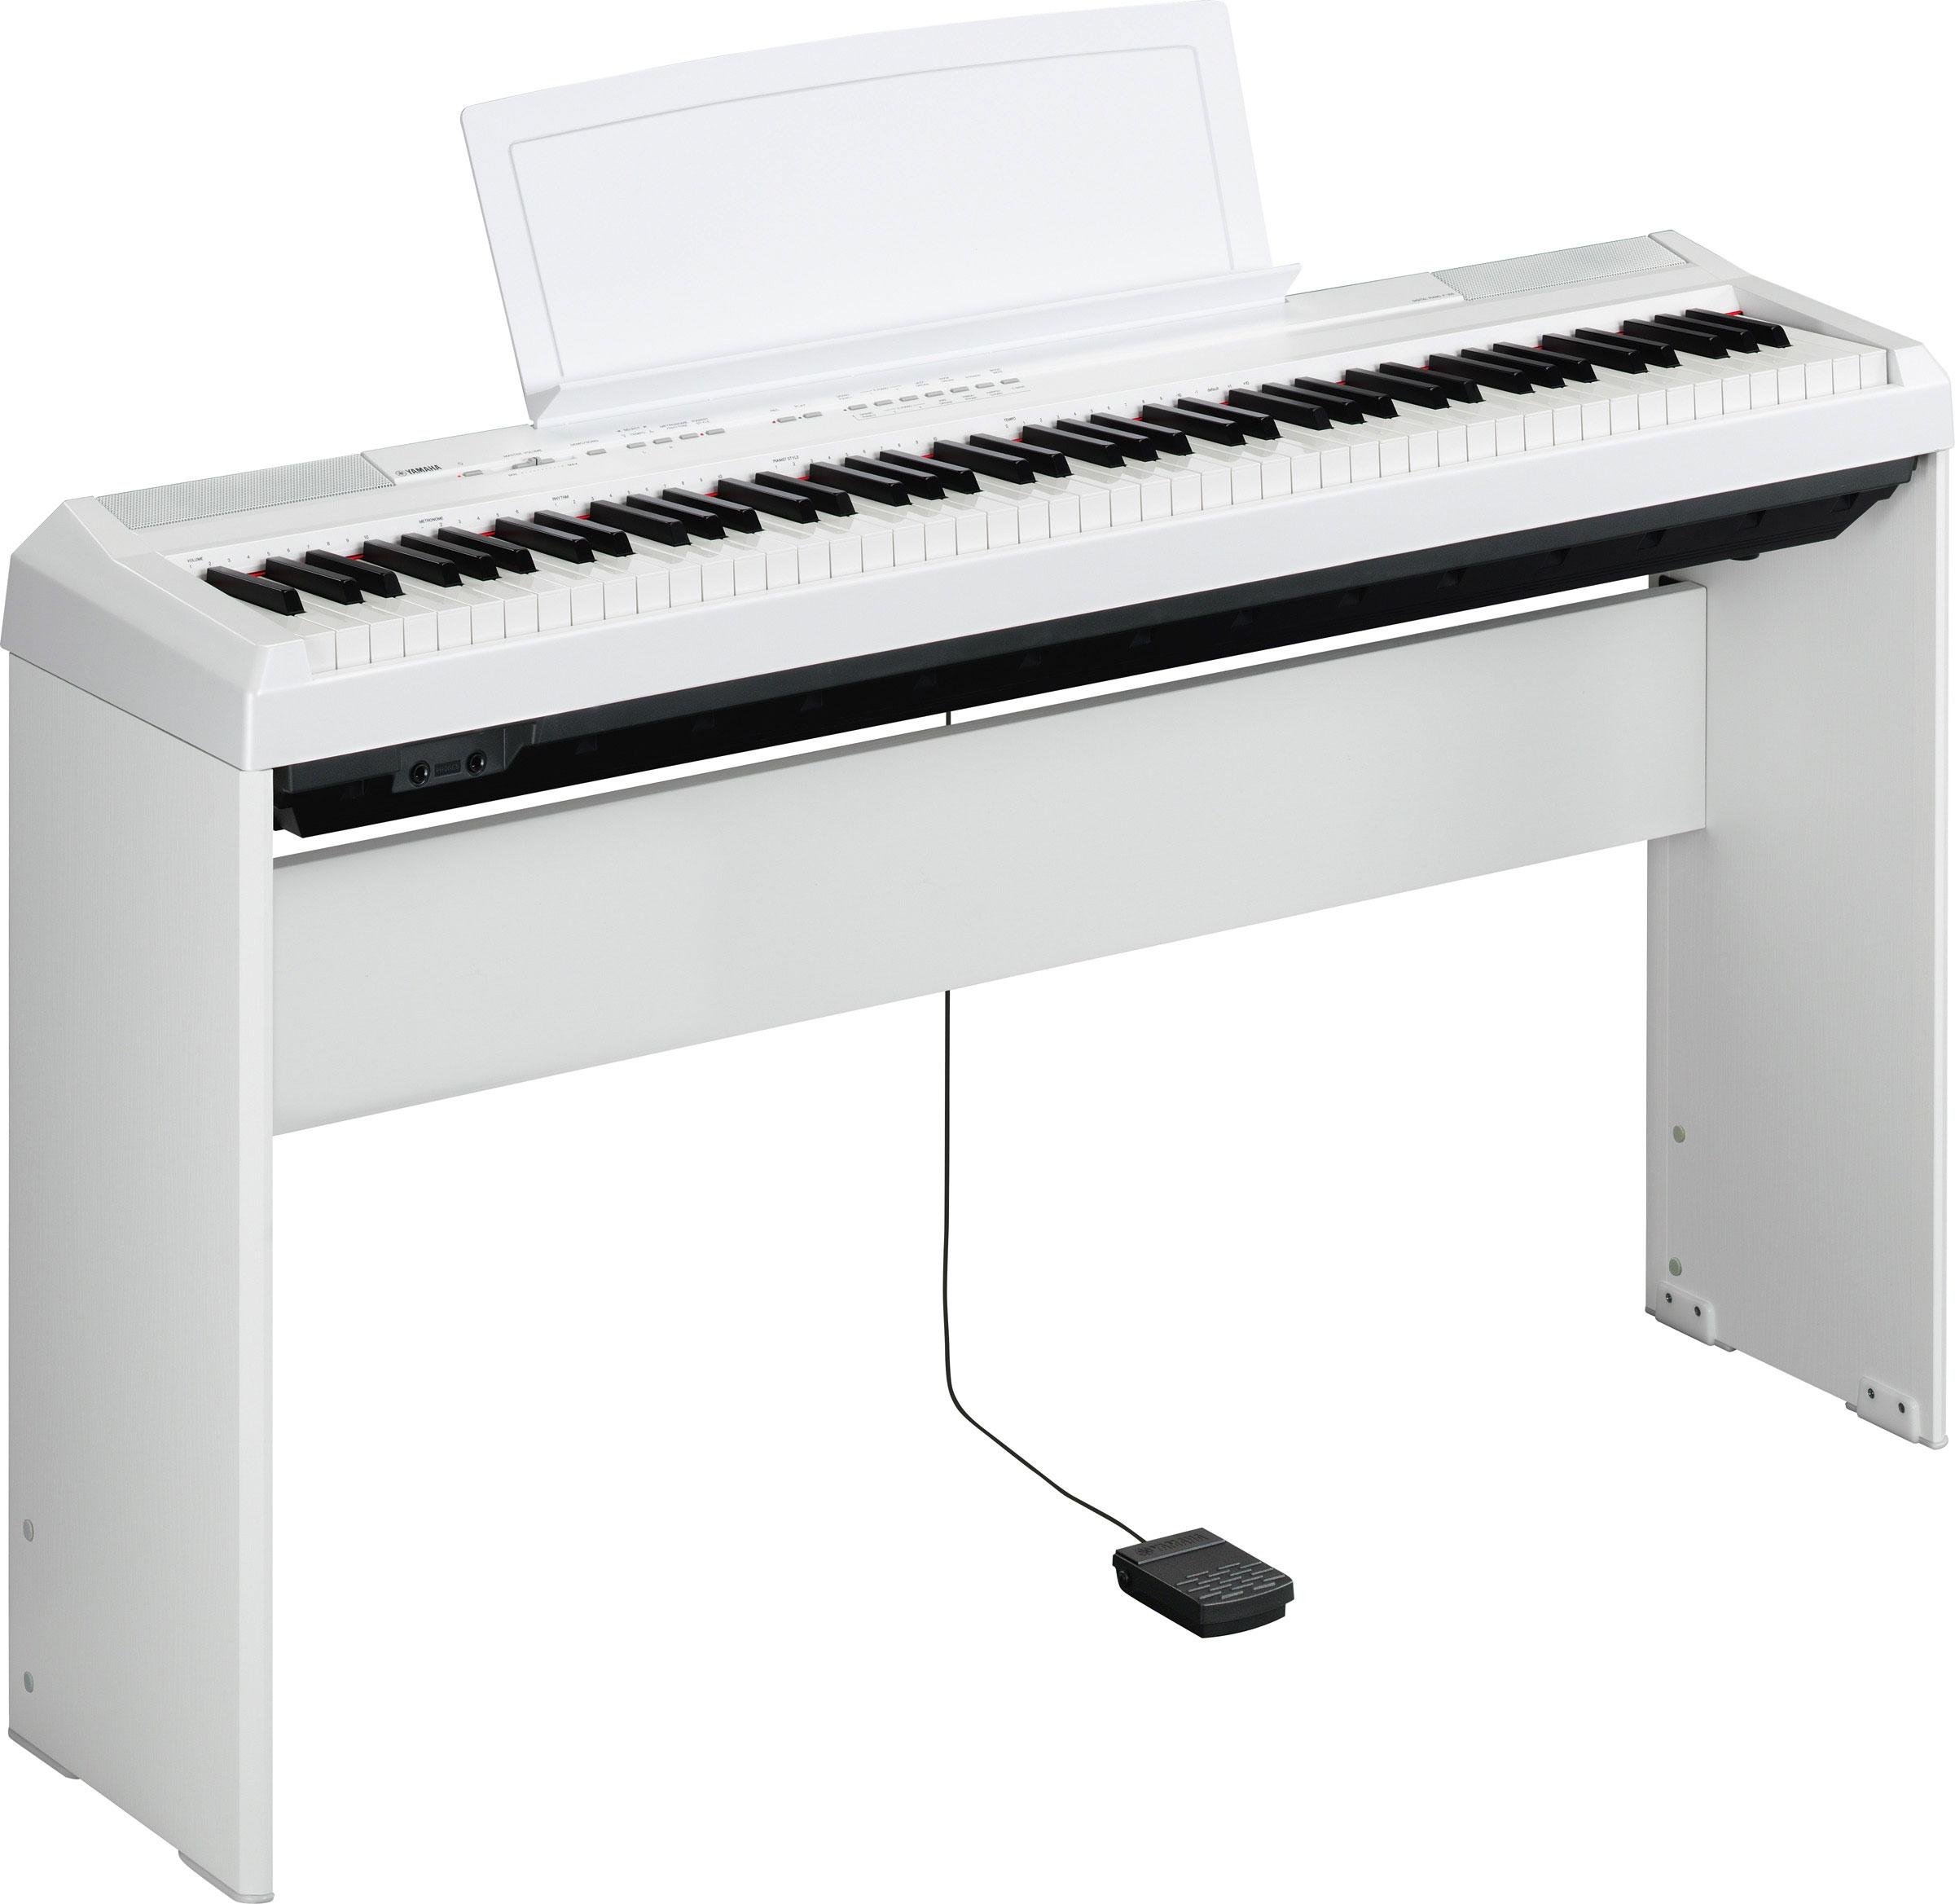 Nguyên nhân nên mua đàn piano điện yamaha